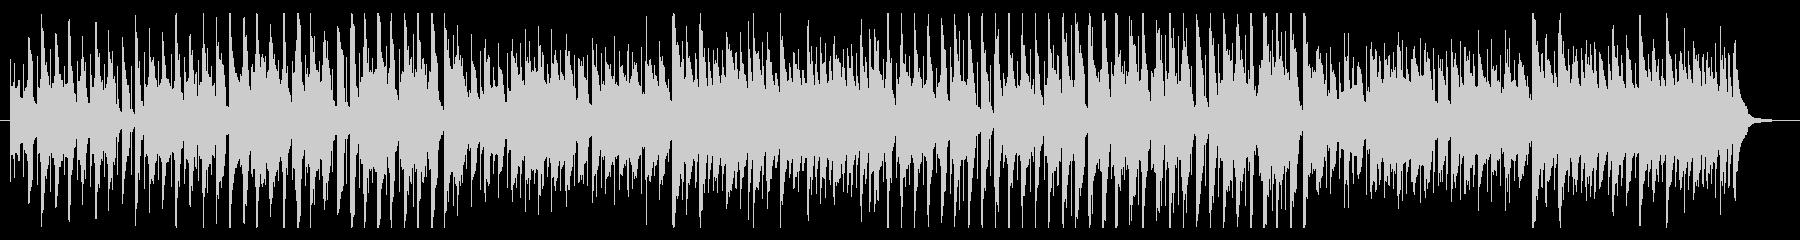 ギャグシーンで流れる曲の未再生の波形